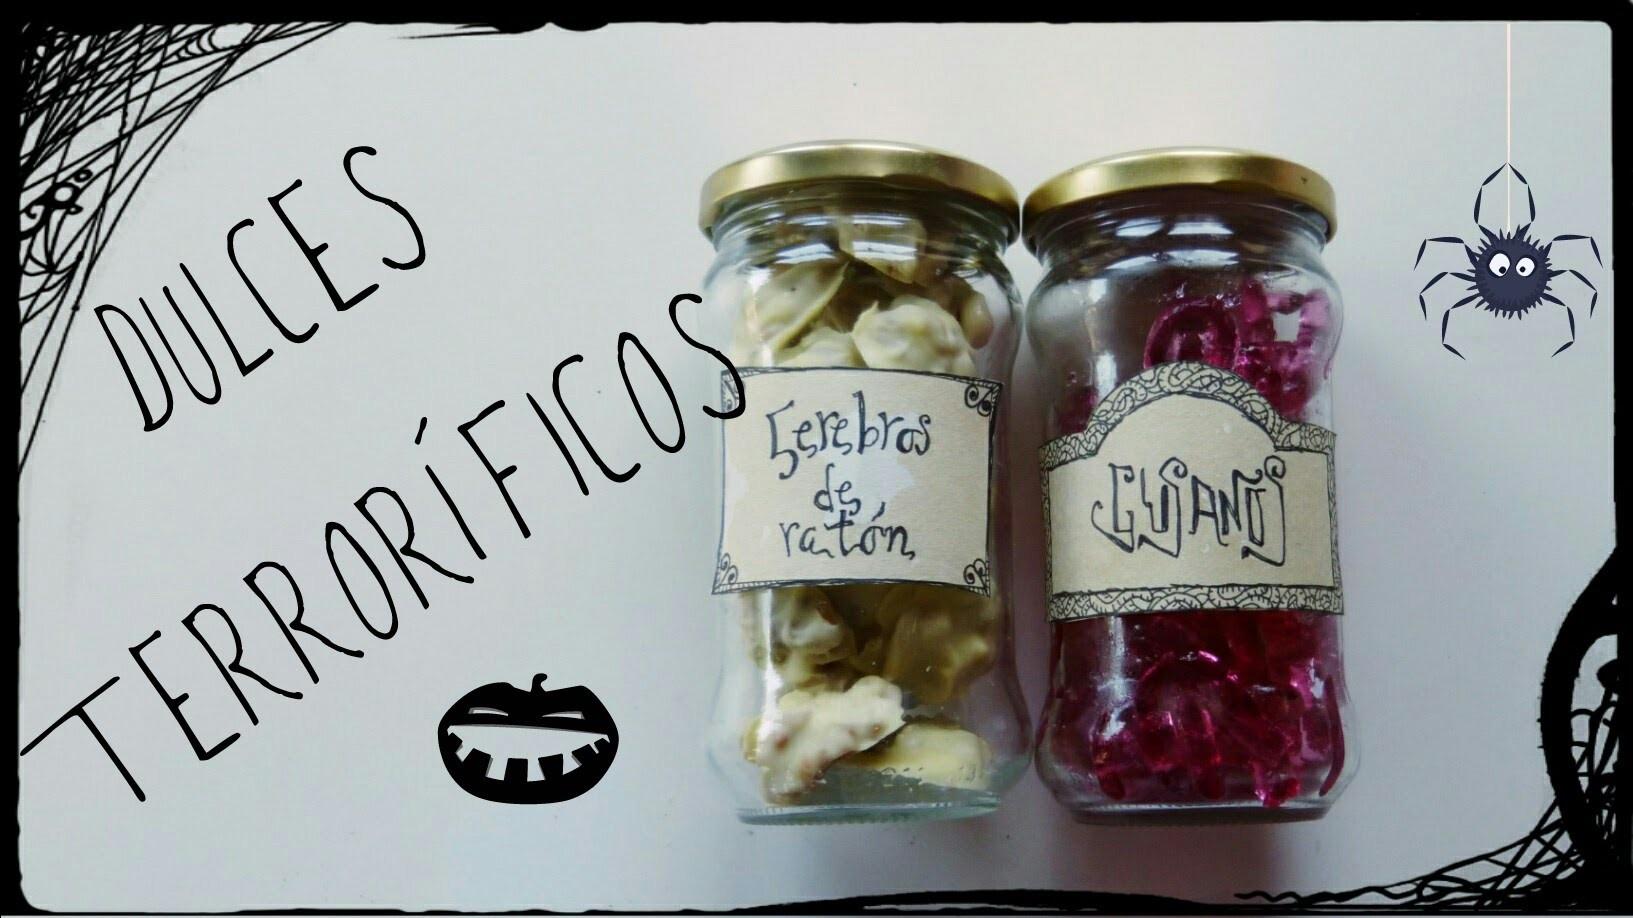 Gusanos y cerebros: dulces para Halloween o fiesta con temática de terror